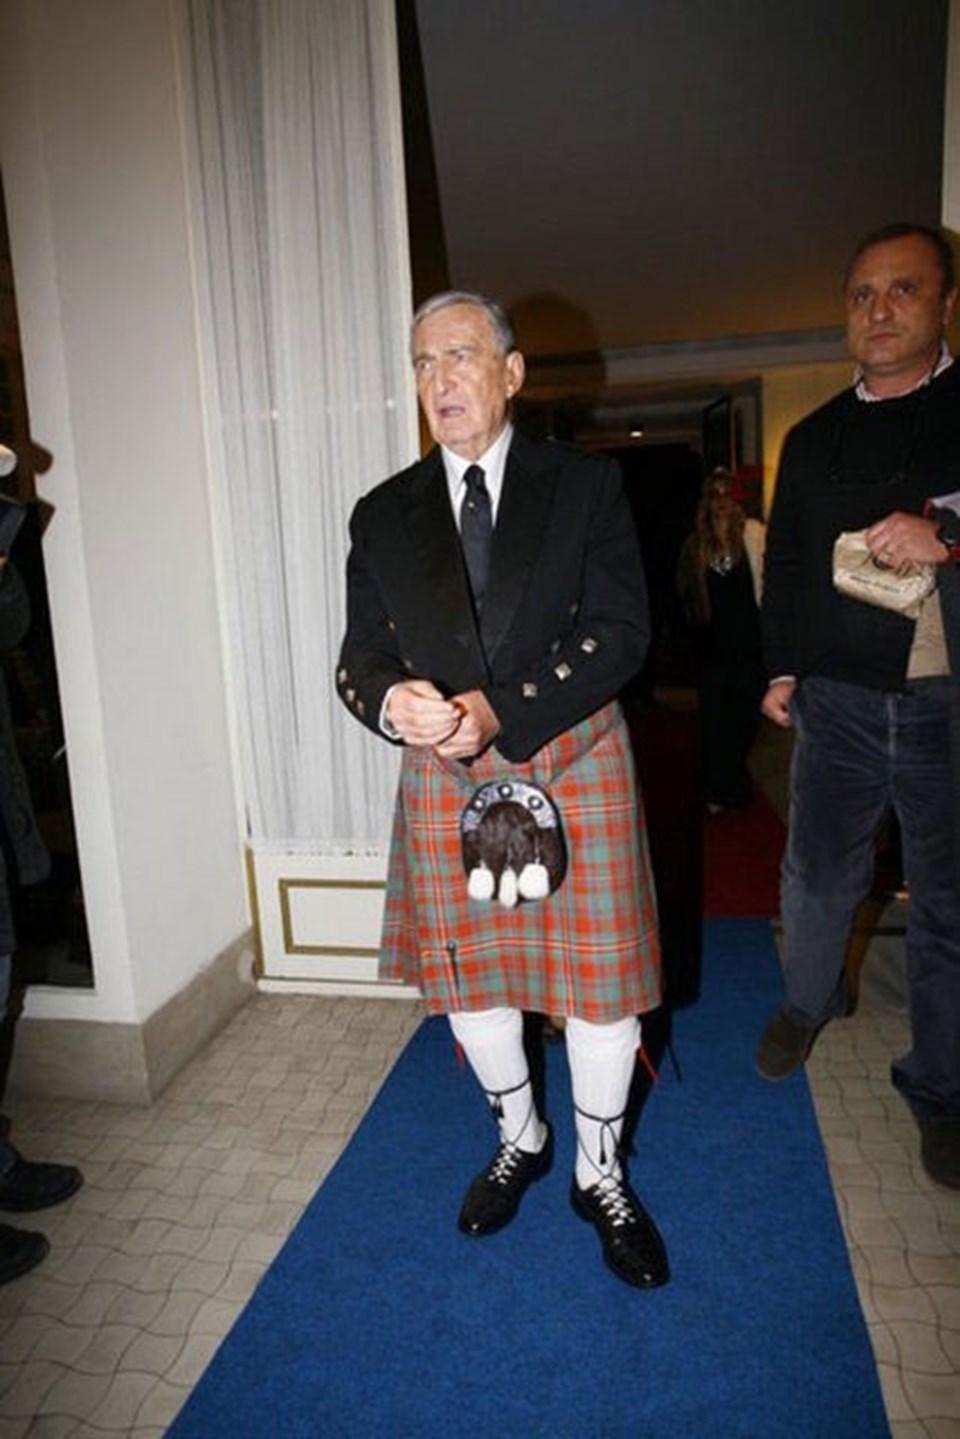 Rahmi Koç, geçen yıl İstanbul Venedik Sarayı'ndaki partide İskoçların milli kıyafetini giymişti